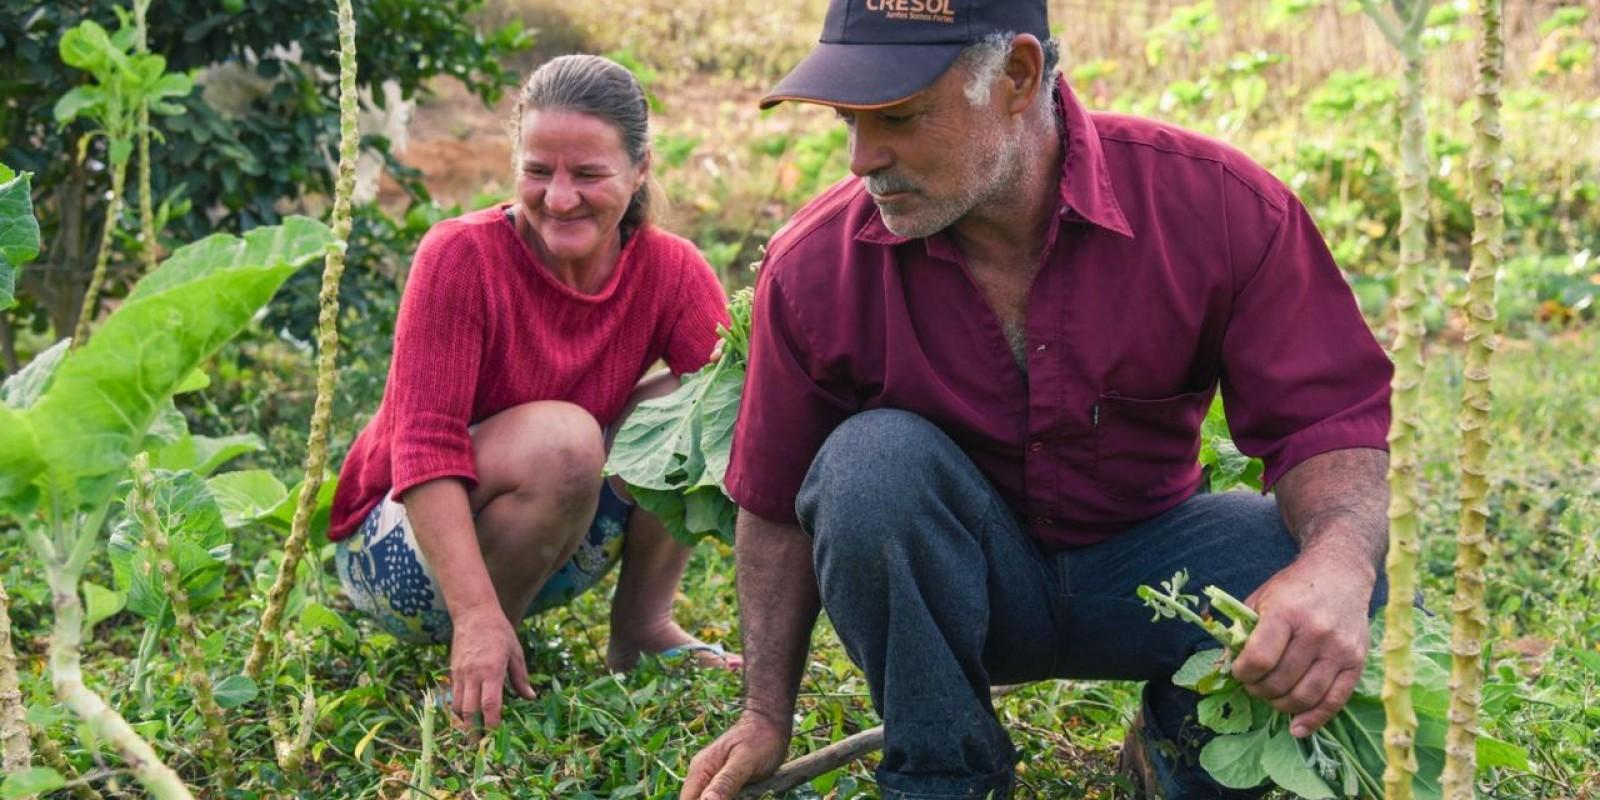 Agricultura Familiar e Cooperativismo serão temas de webinário idealizado pela Seapa